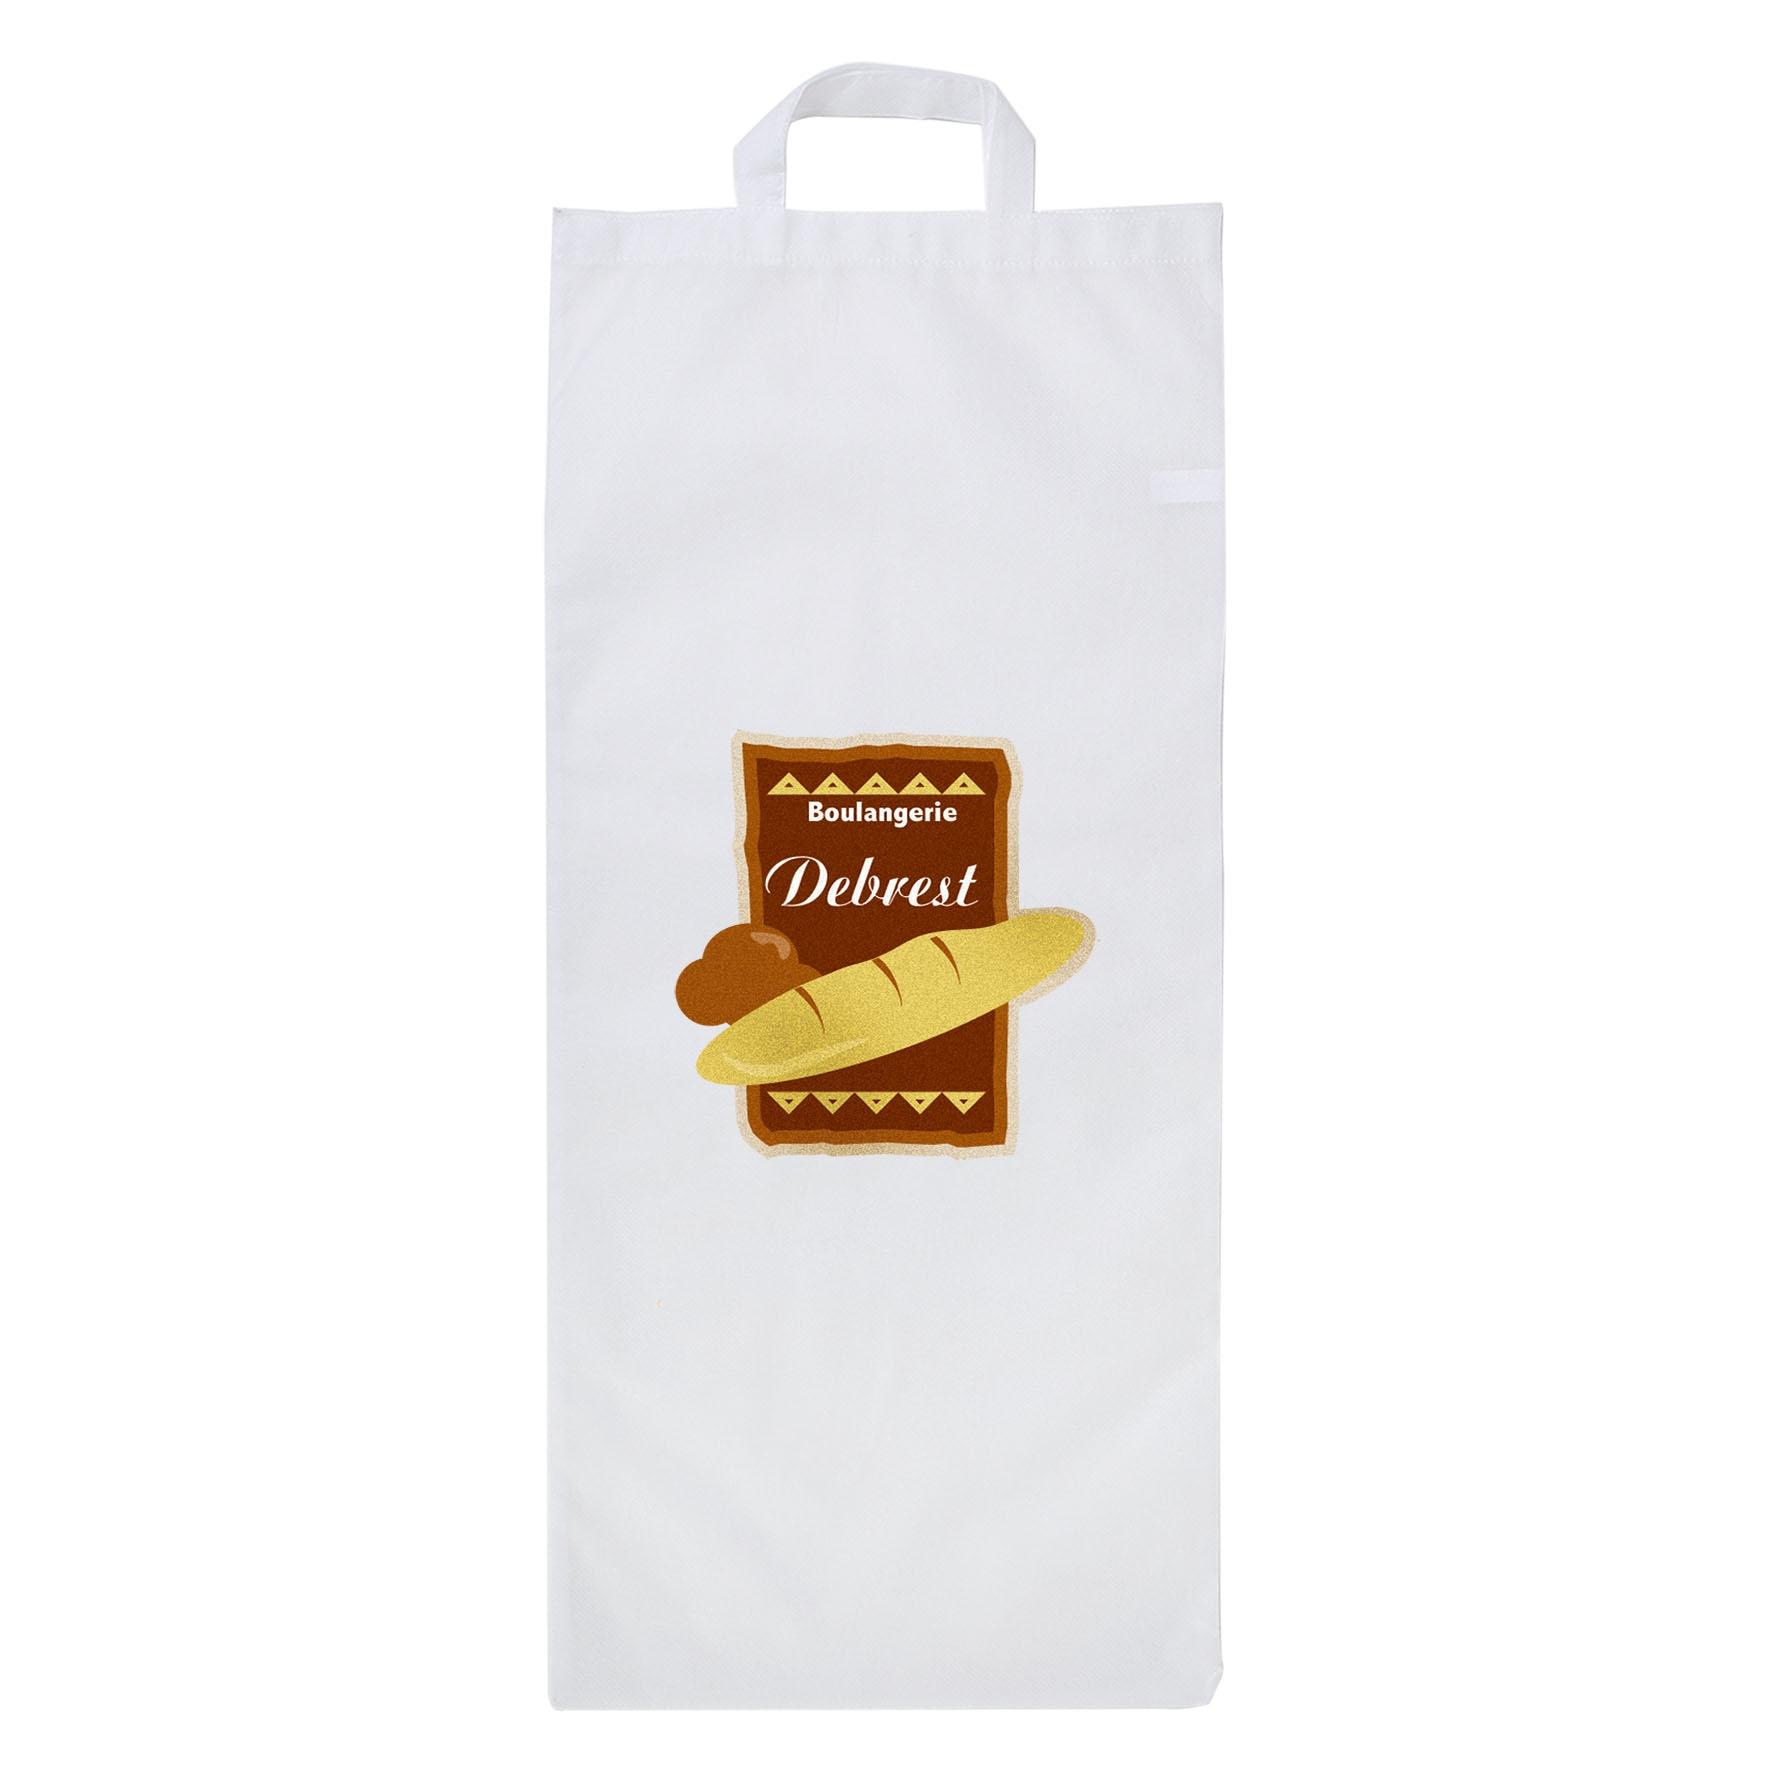 Sac à pain personnalisable non tissé Miette - cadeau promotionnel